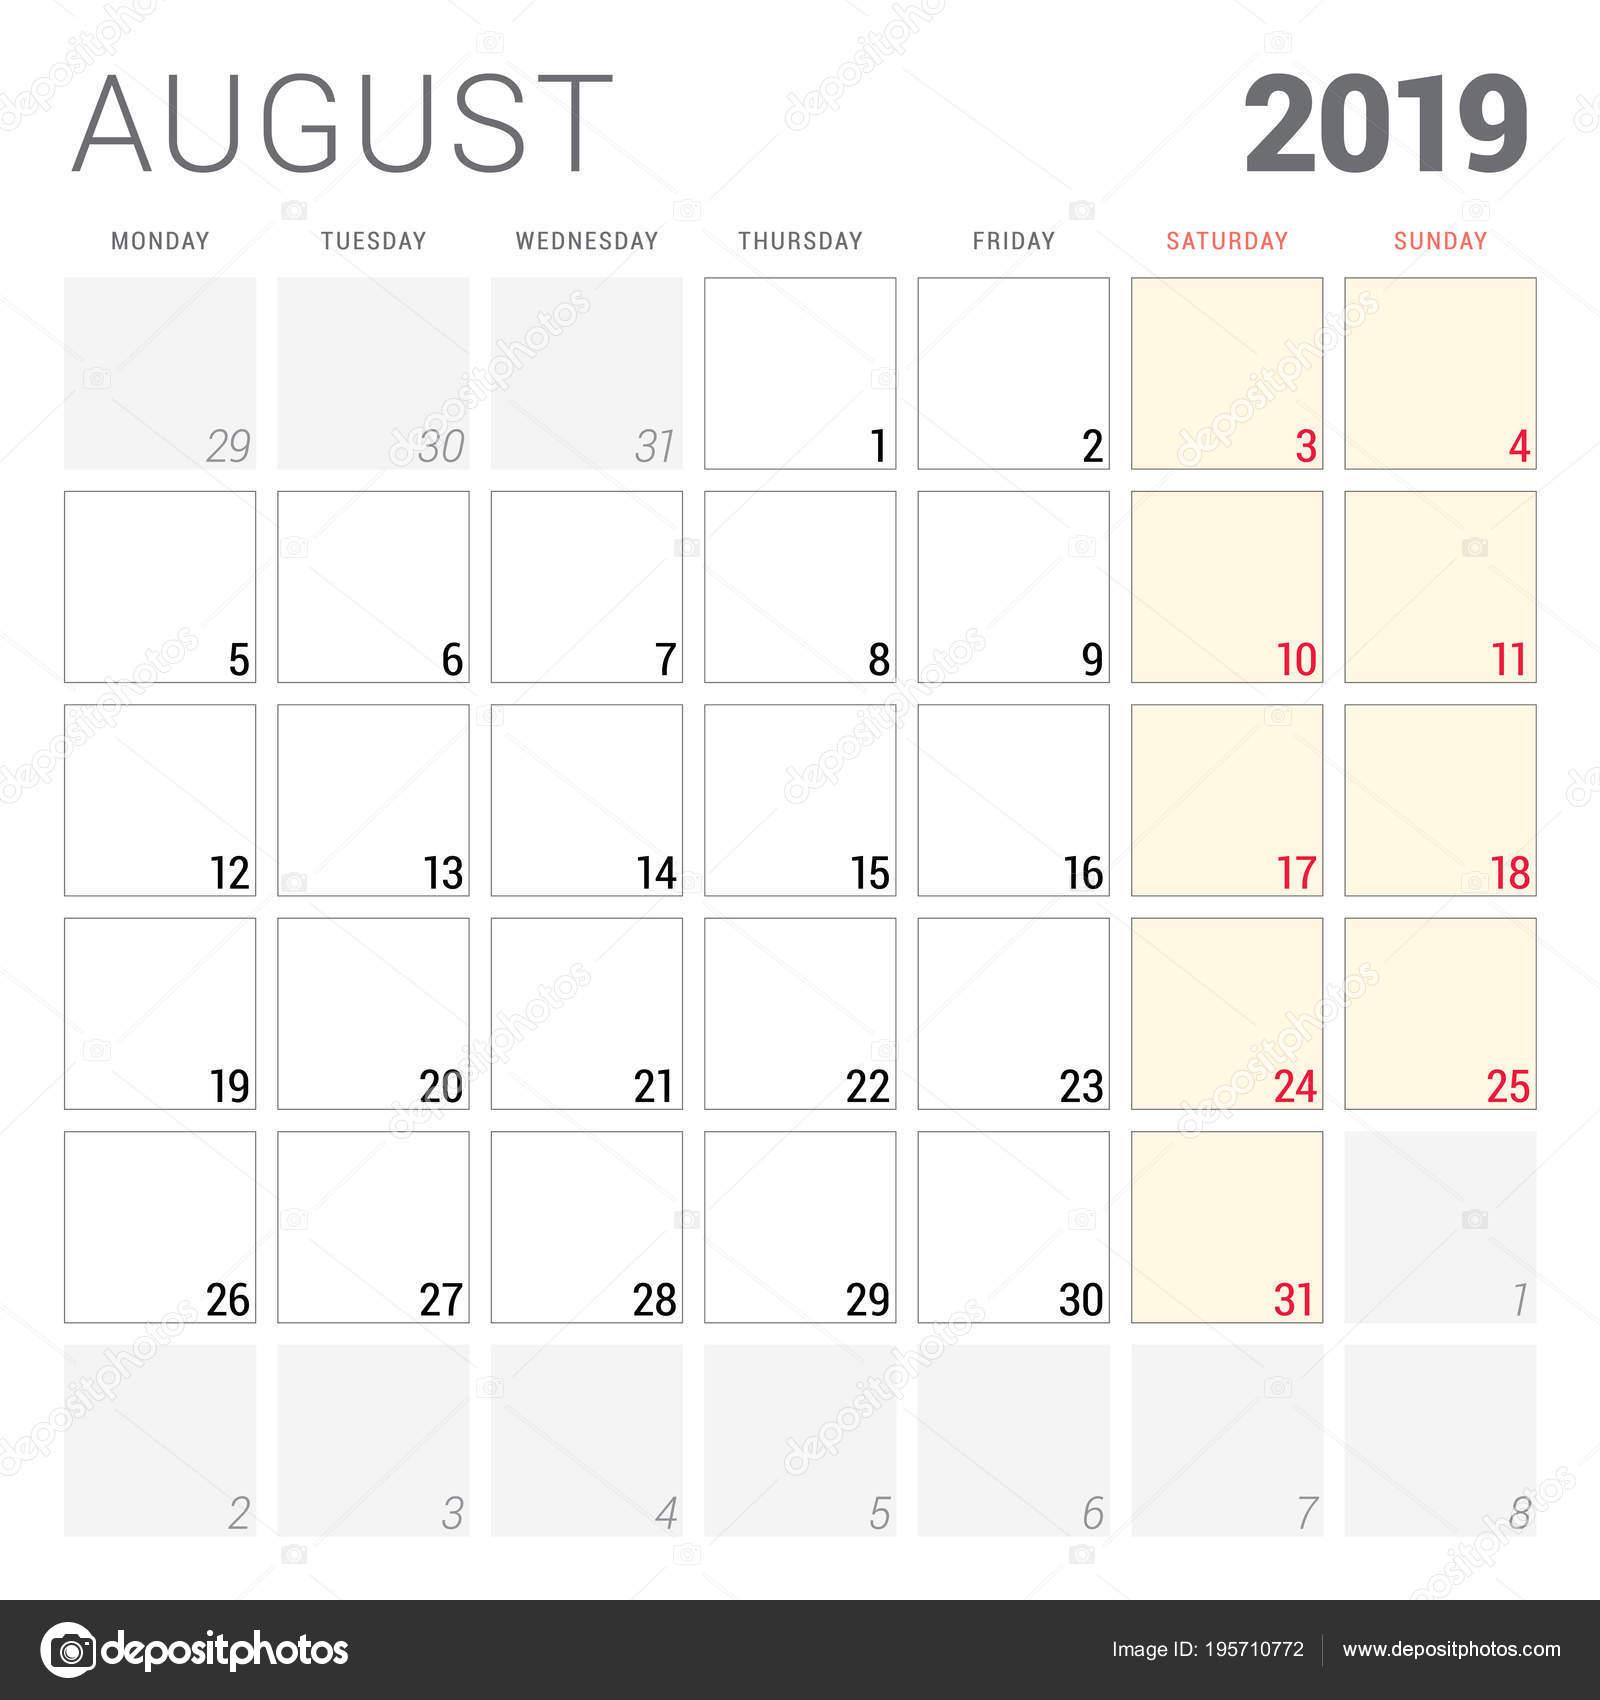 34af61cd21 Naptár tervező augusztus 2019. Hét kezdőnapja a hétfő. Nyomtatható vektoros  levélpapír tervezősablon — Stock